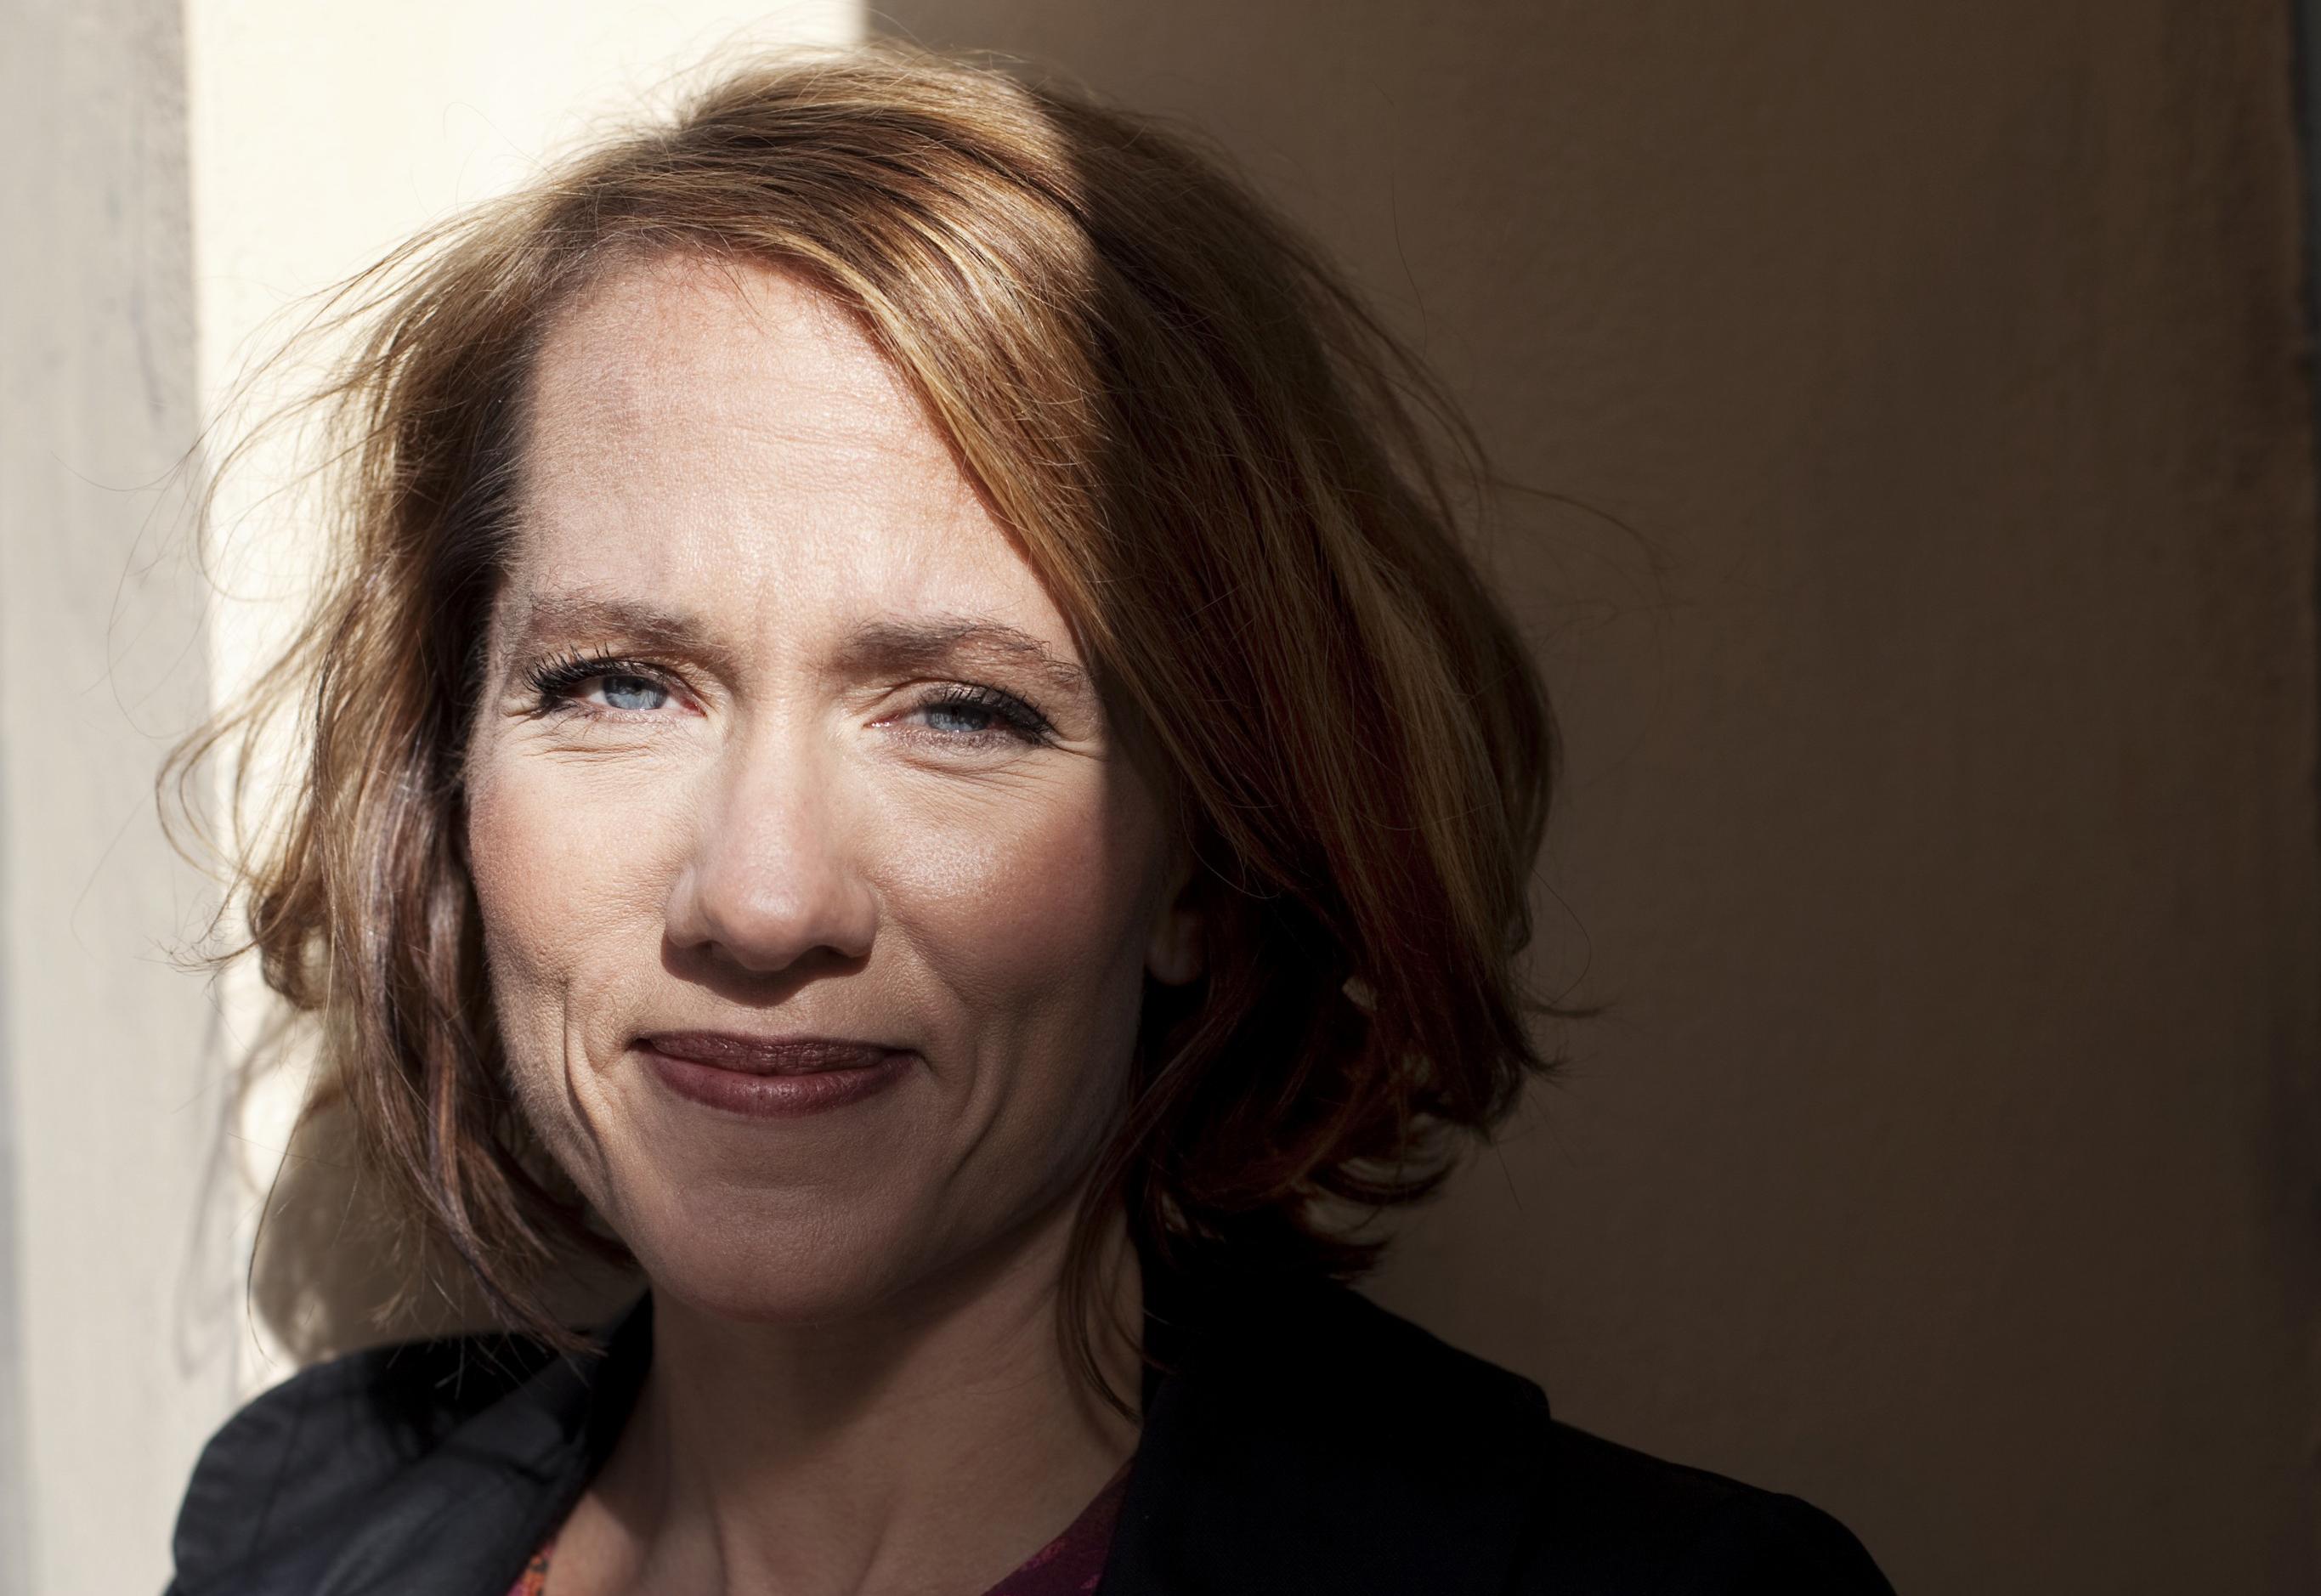 Porträtt av skribenten, Felicia Hume som tittar in i kameran.